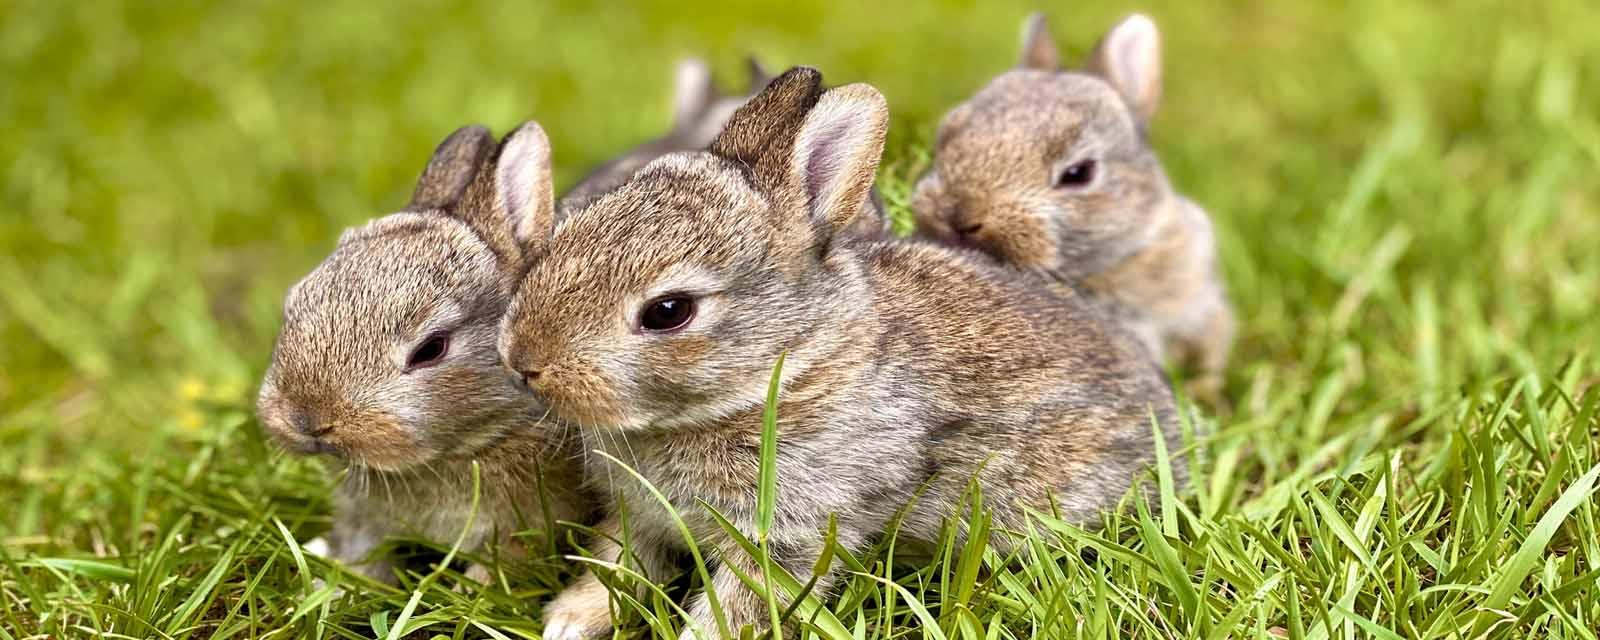 Kaninchenfutter kaufen